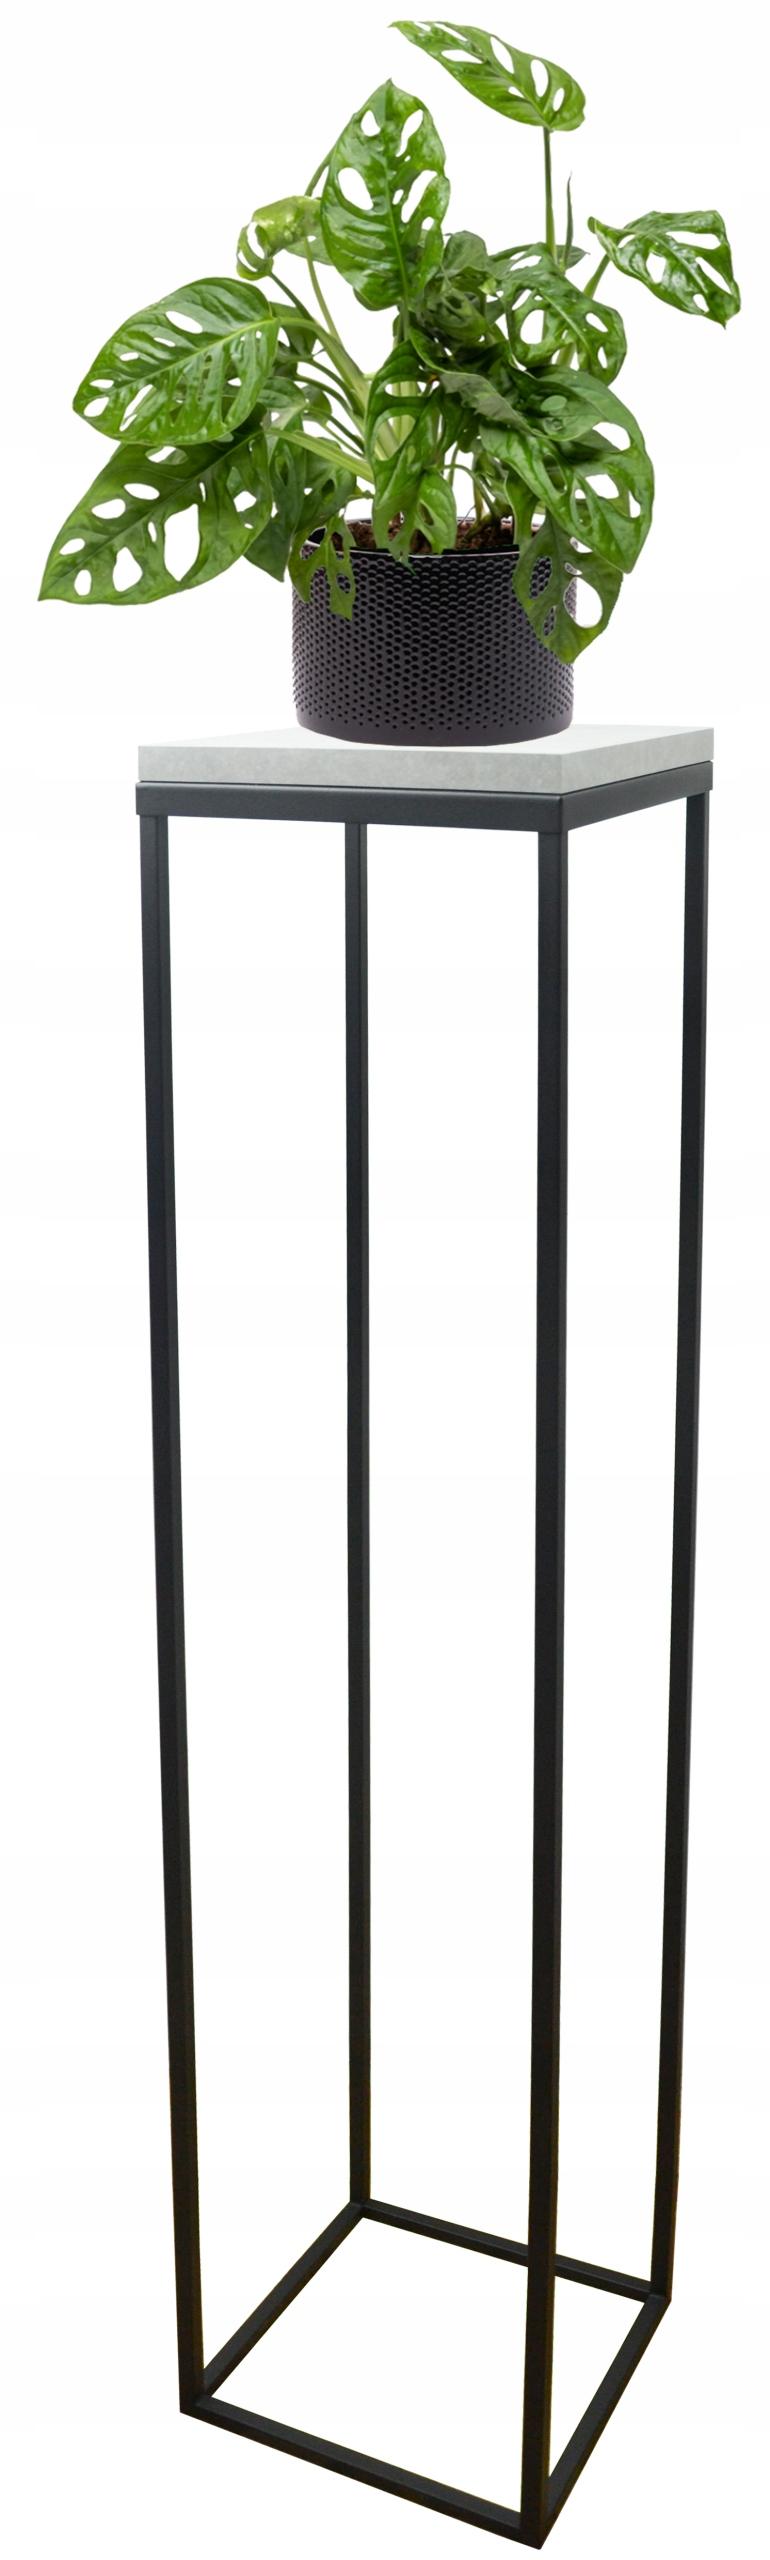 Подставка для растений металлическая loft черная столешница Light Concrete 100см